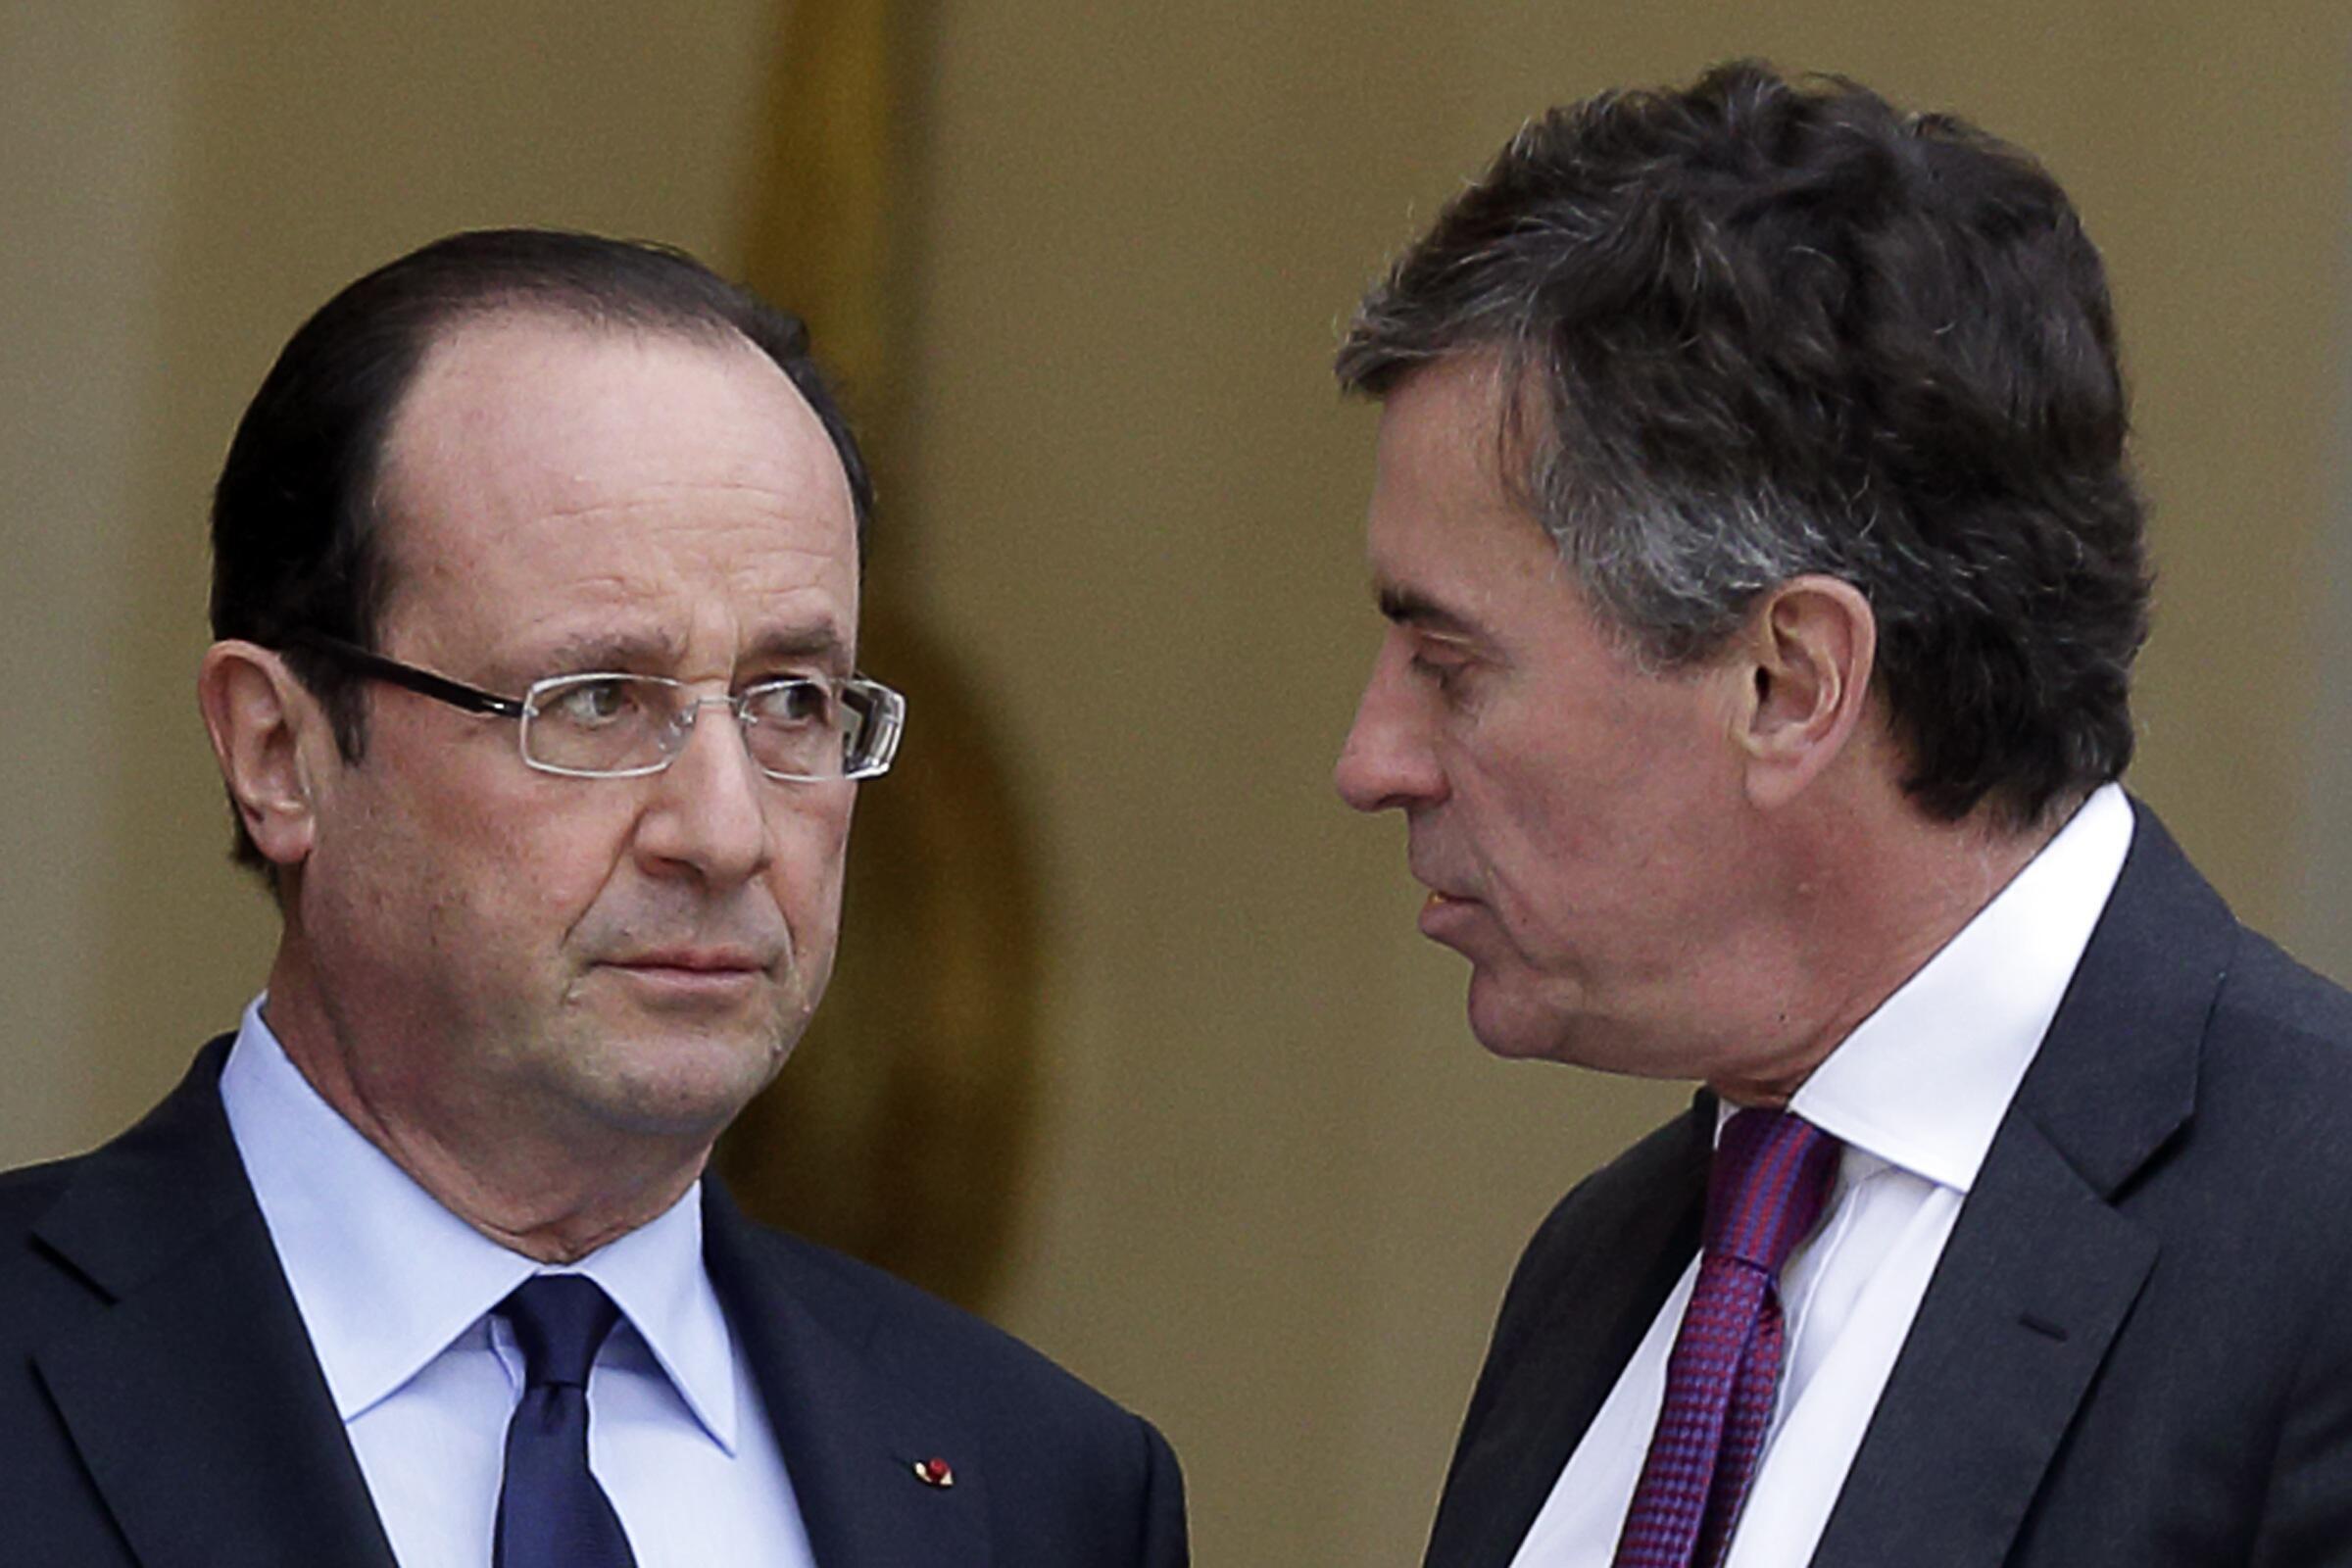 François Hollande desea erradicar los paraísos fiscales en Europa. Aquí con Jérôme Cahuzac.